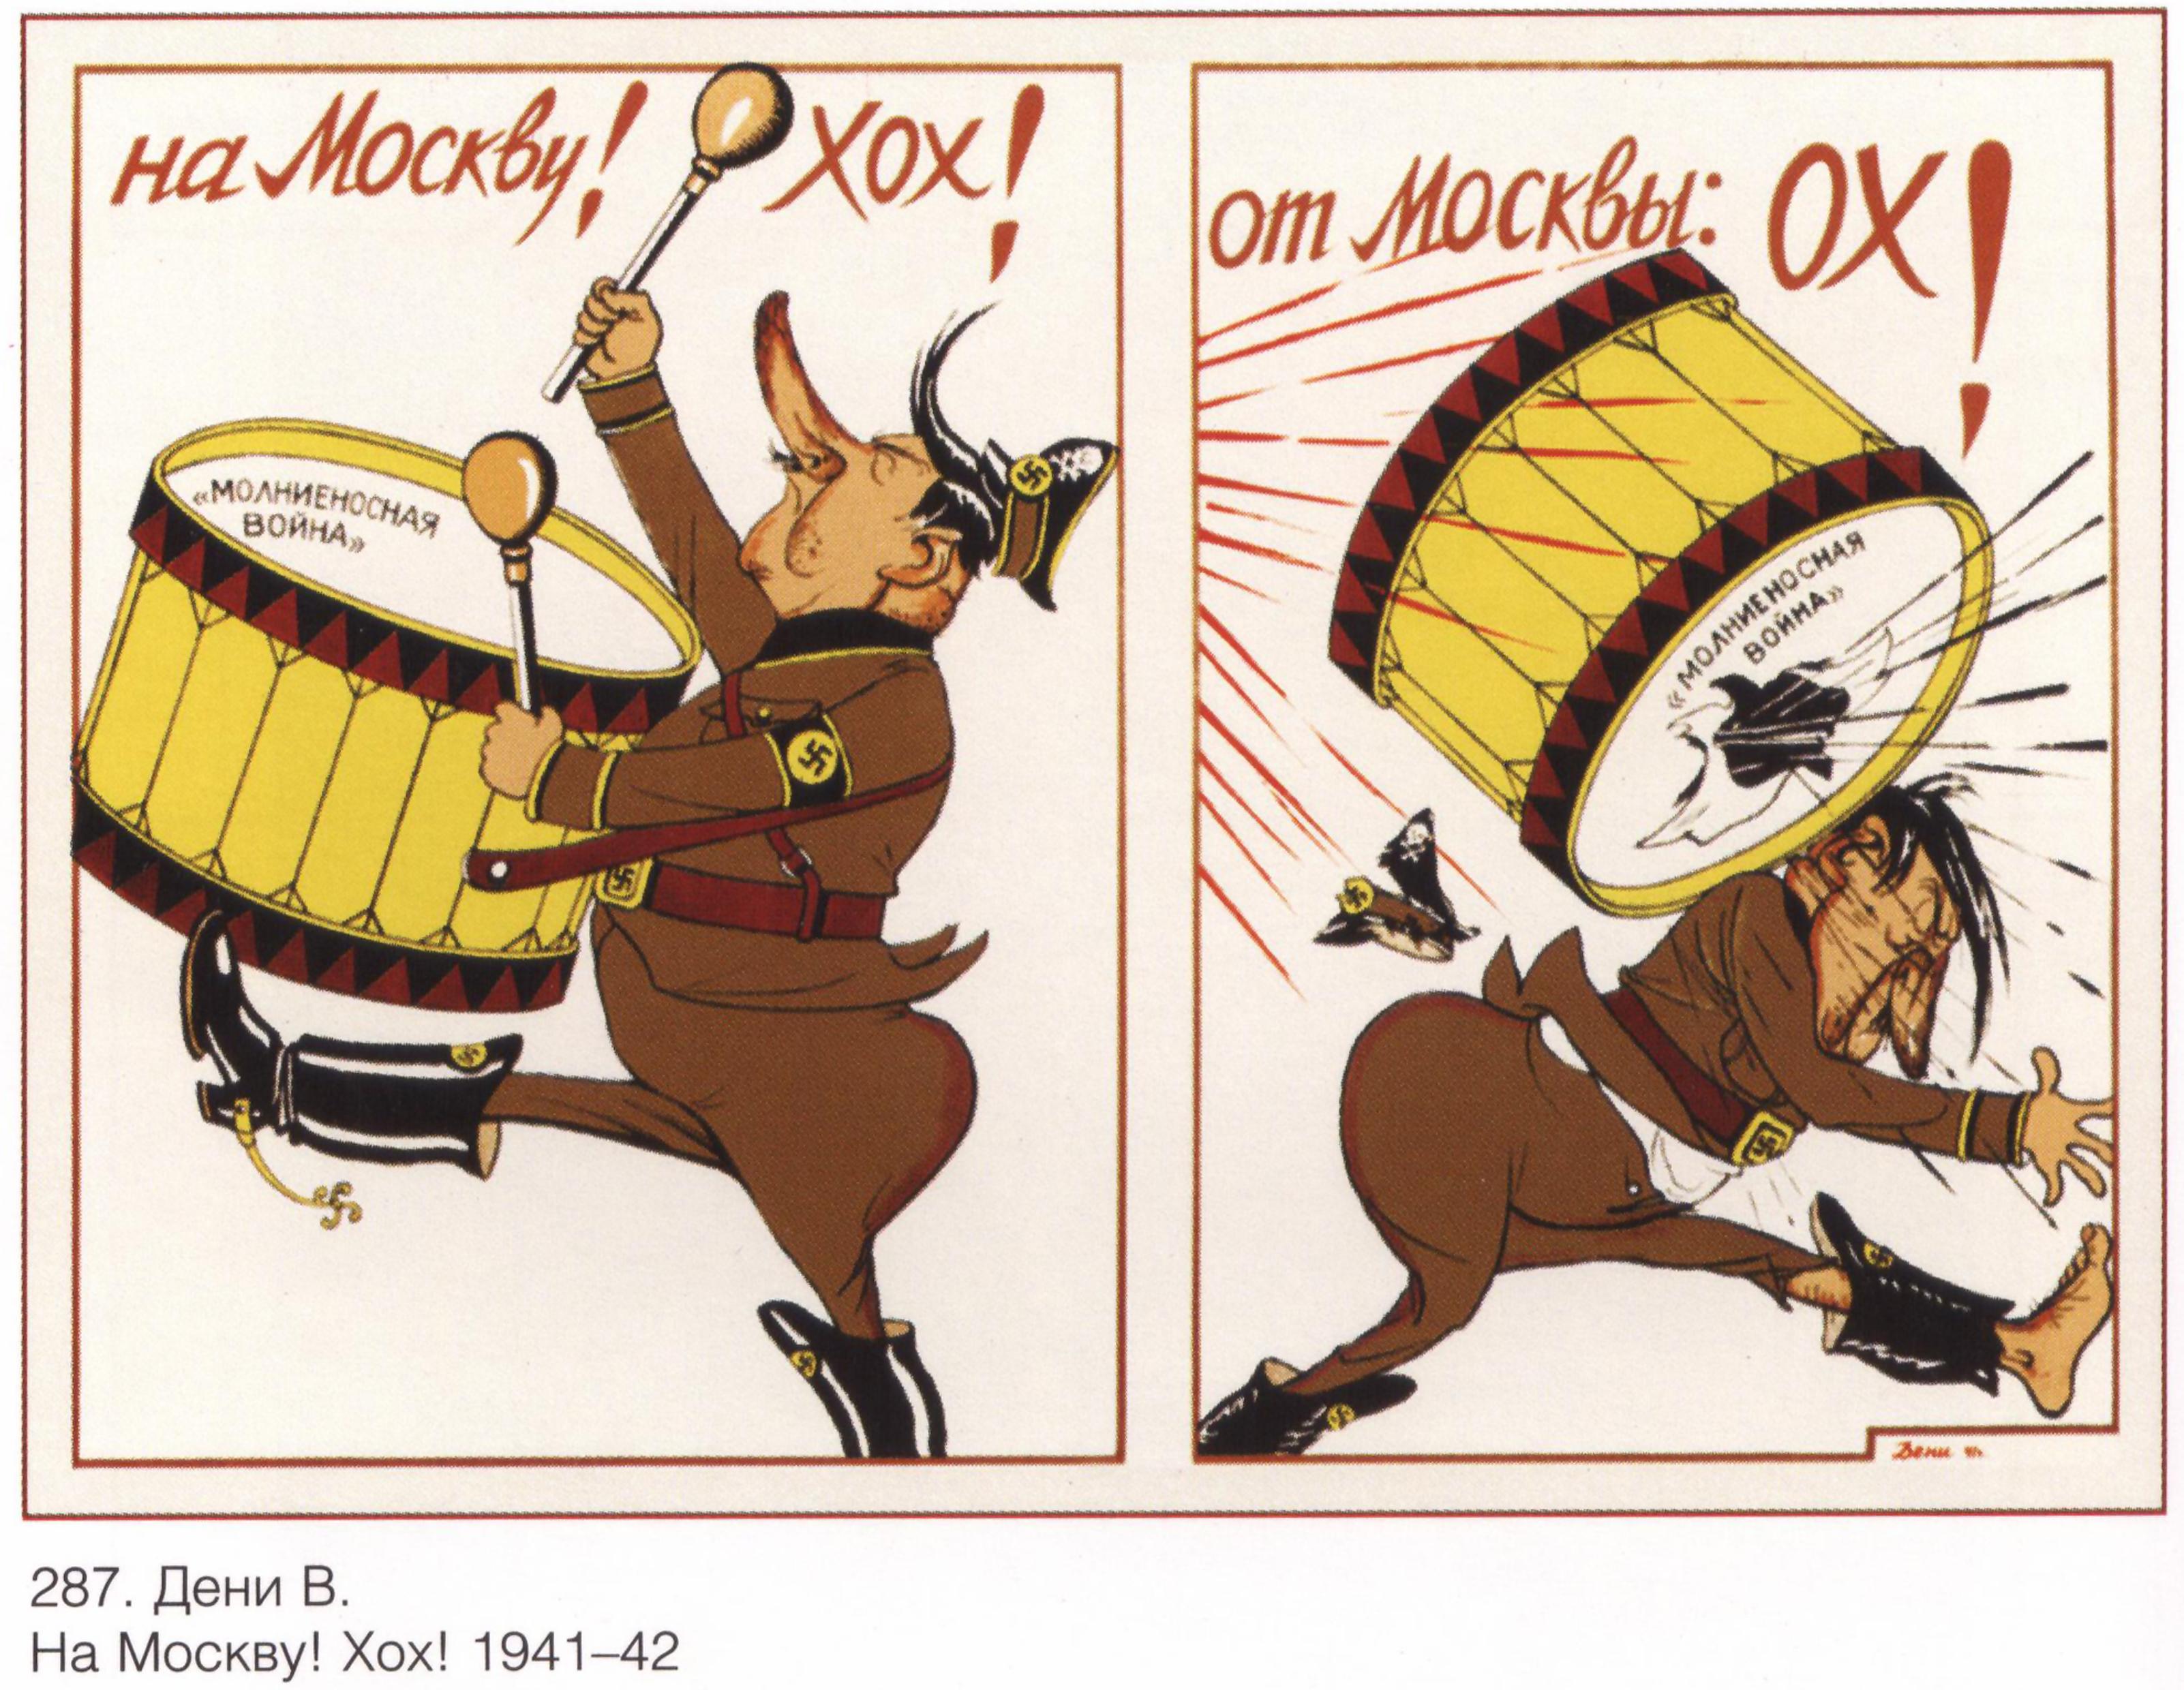 Советские плакаты и картинки в высоком разрешении - реклама и пропаганда.